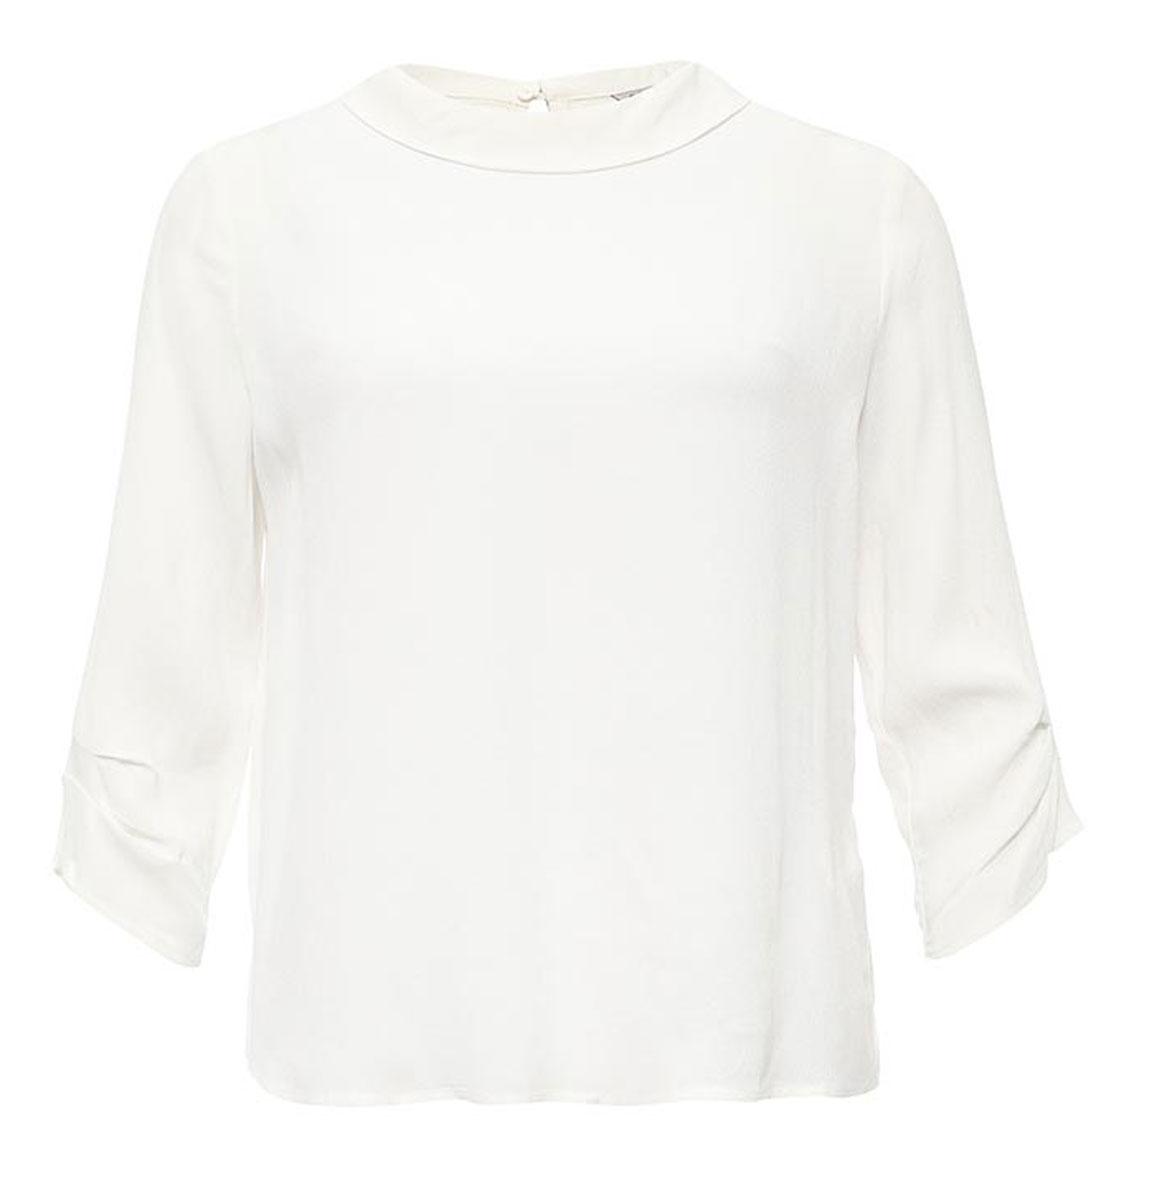 Блузка женская Sela, цвет: молочный. Tw-112/1172-7131. Размер 44Tw-112/1172-7131Лаконичная женская блузка Sela выполнена из тонкого легкого материала. Модель прямого кроя с отложным воротничком и рукавами 3/4 застегивается сзади на пуговицу. Блузкаподойдет для офиса, прогулок и дружеских встреч и будет отлично сочетаться с джинсами и брюками, и гармонично смотреться с юбками. Мягкая ткань на основе вискозы комфортна и приятна на ощупь.